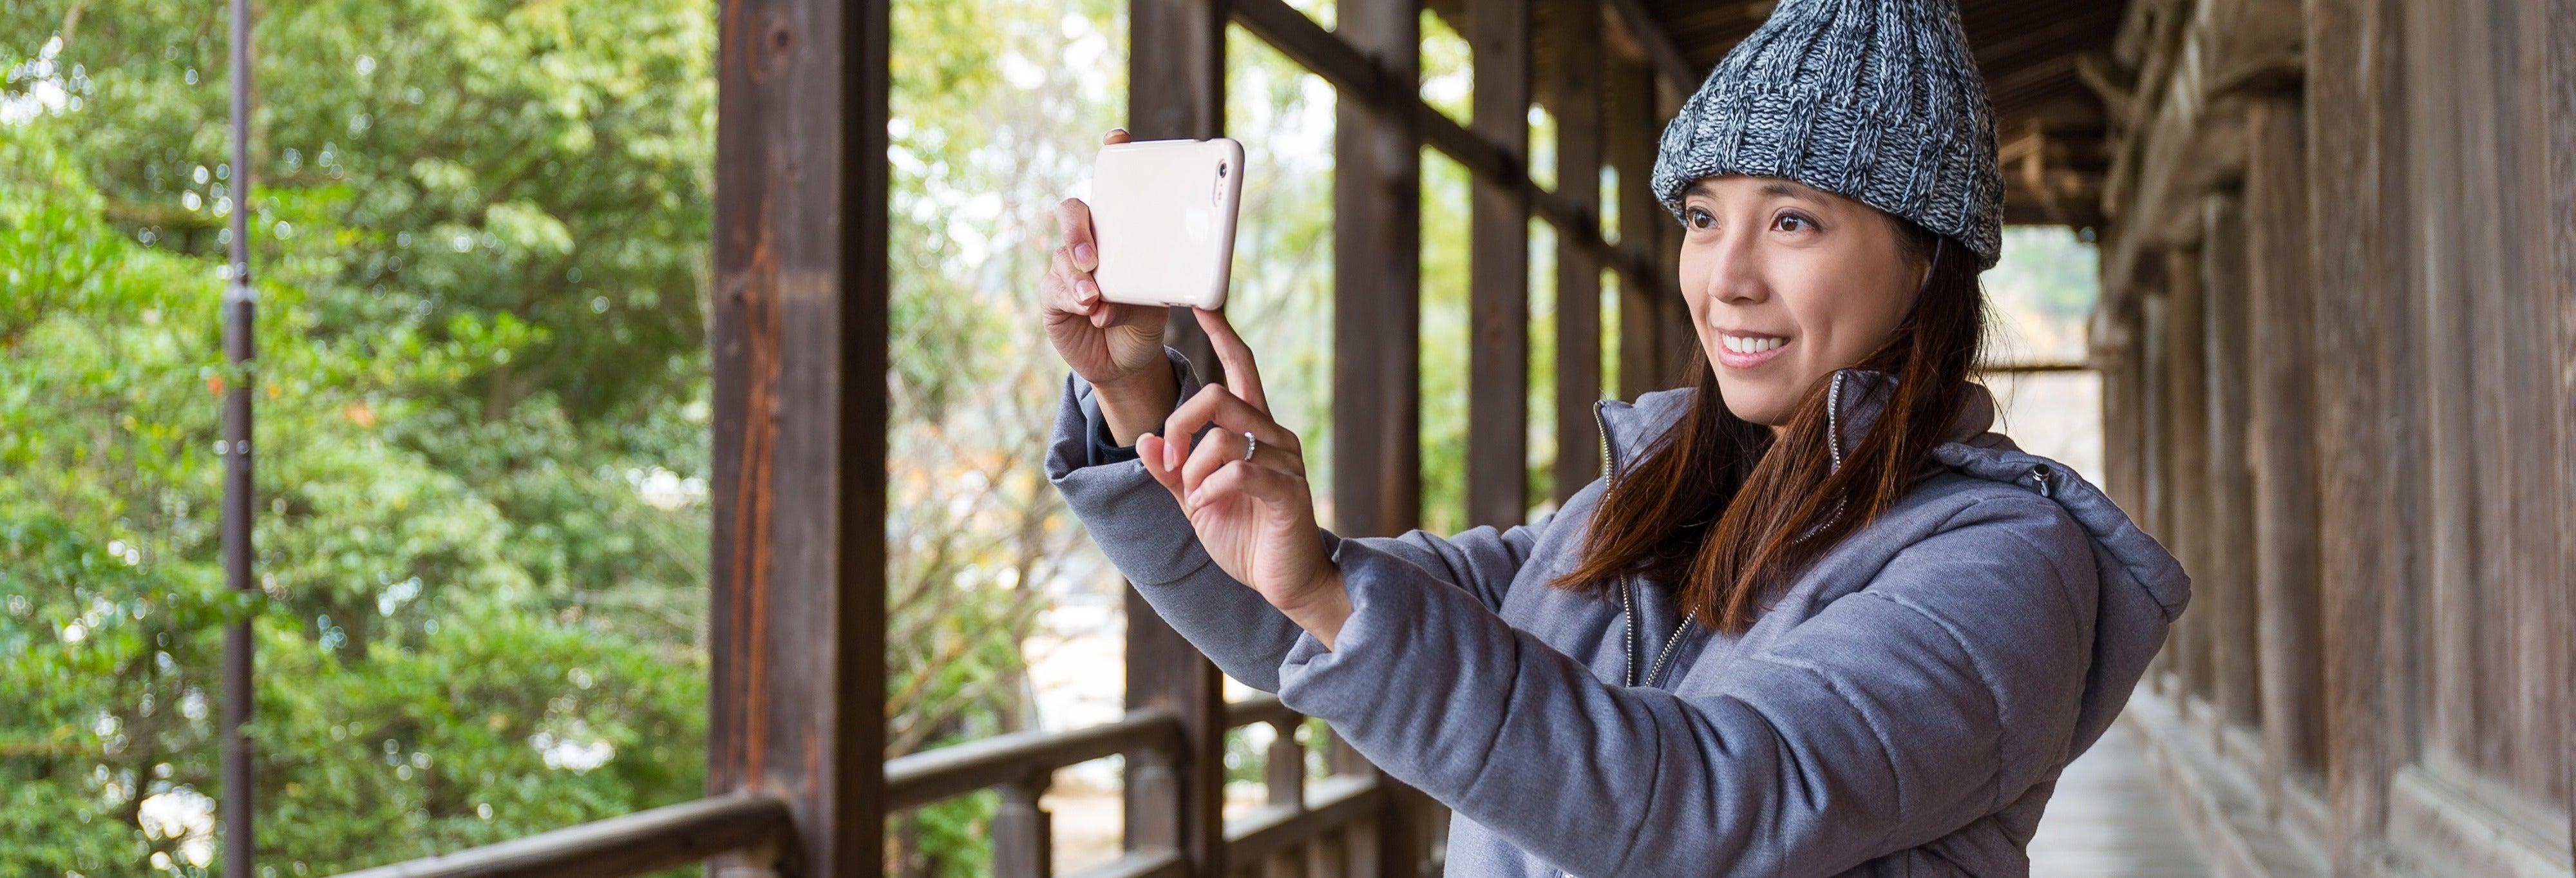 SIM Card with Internet